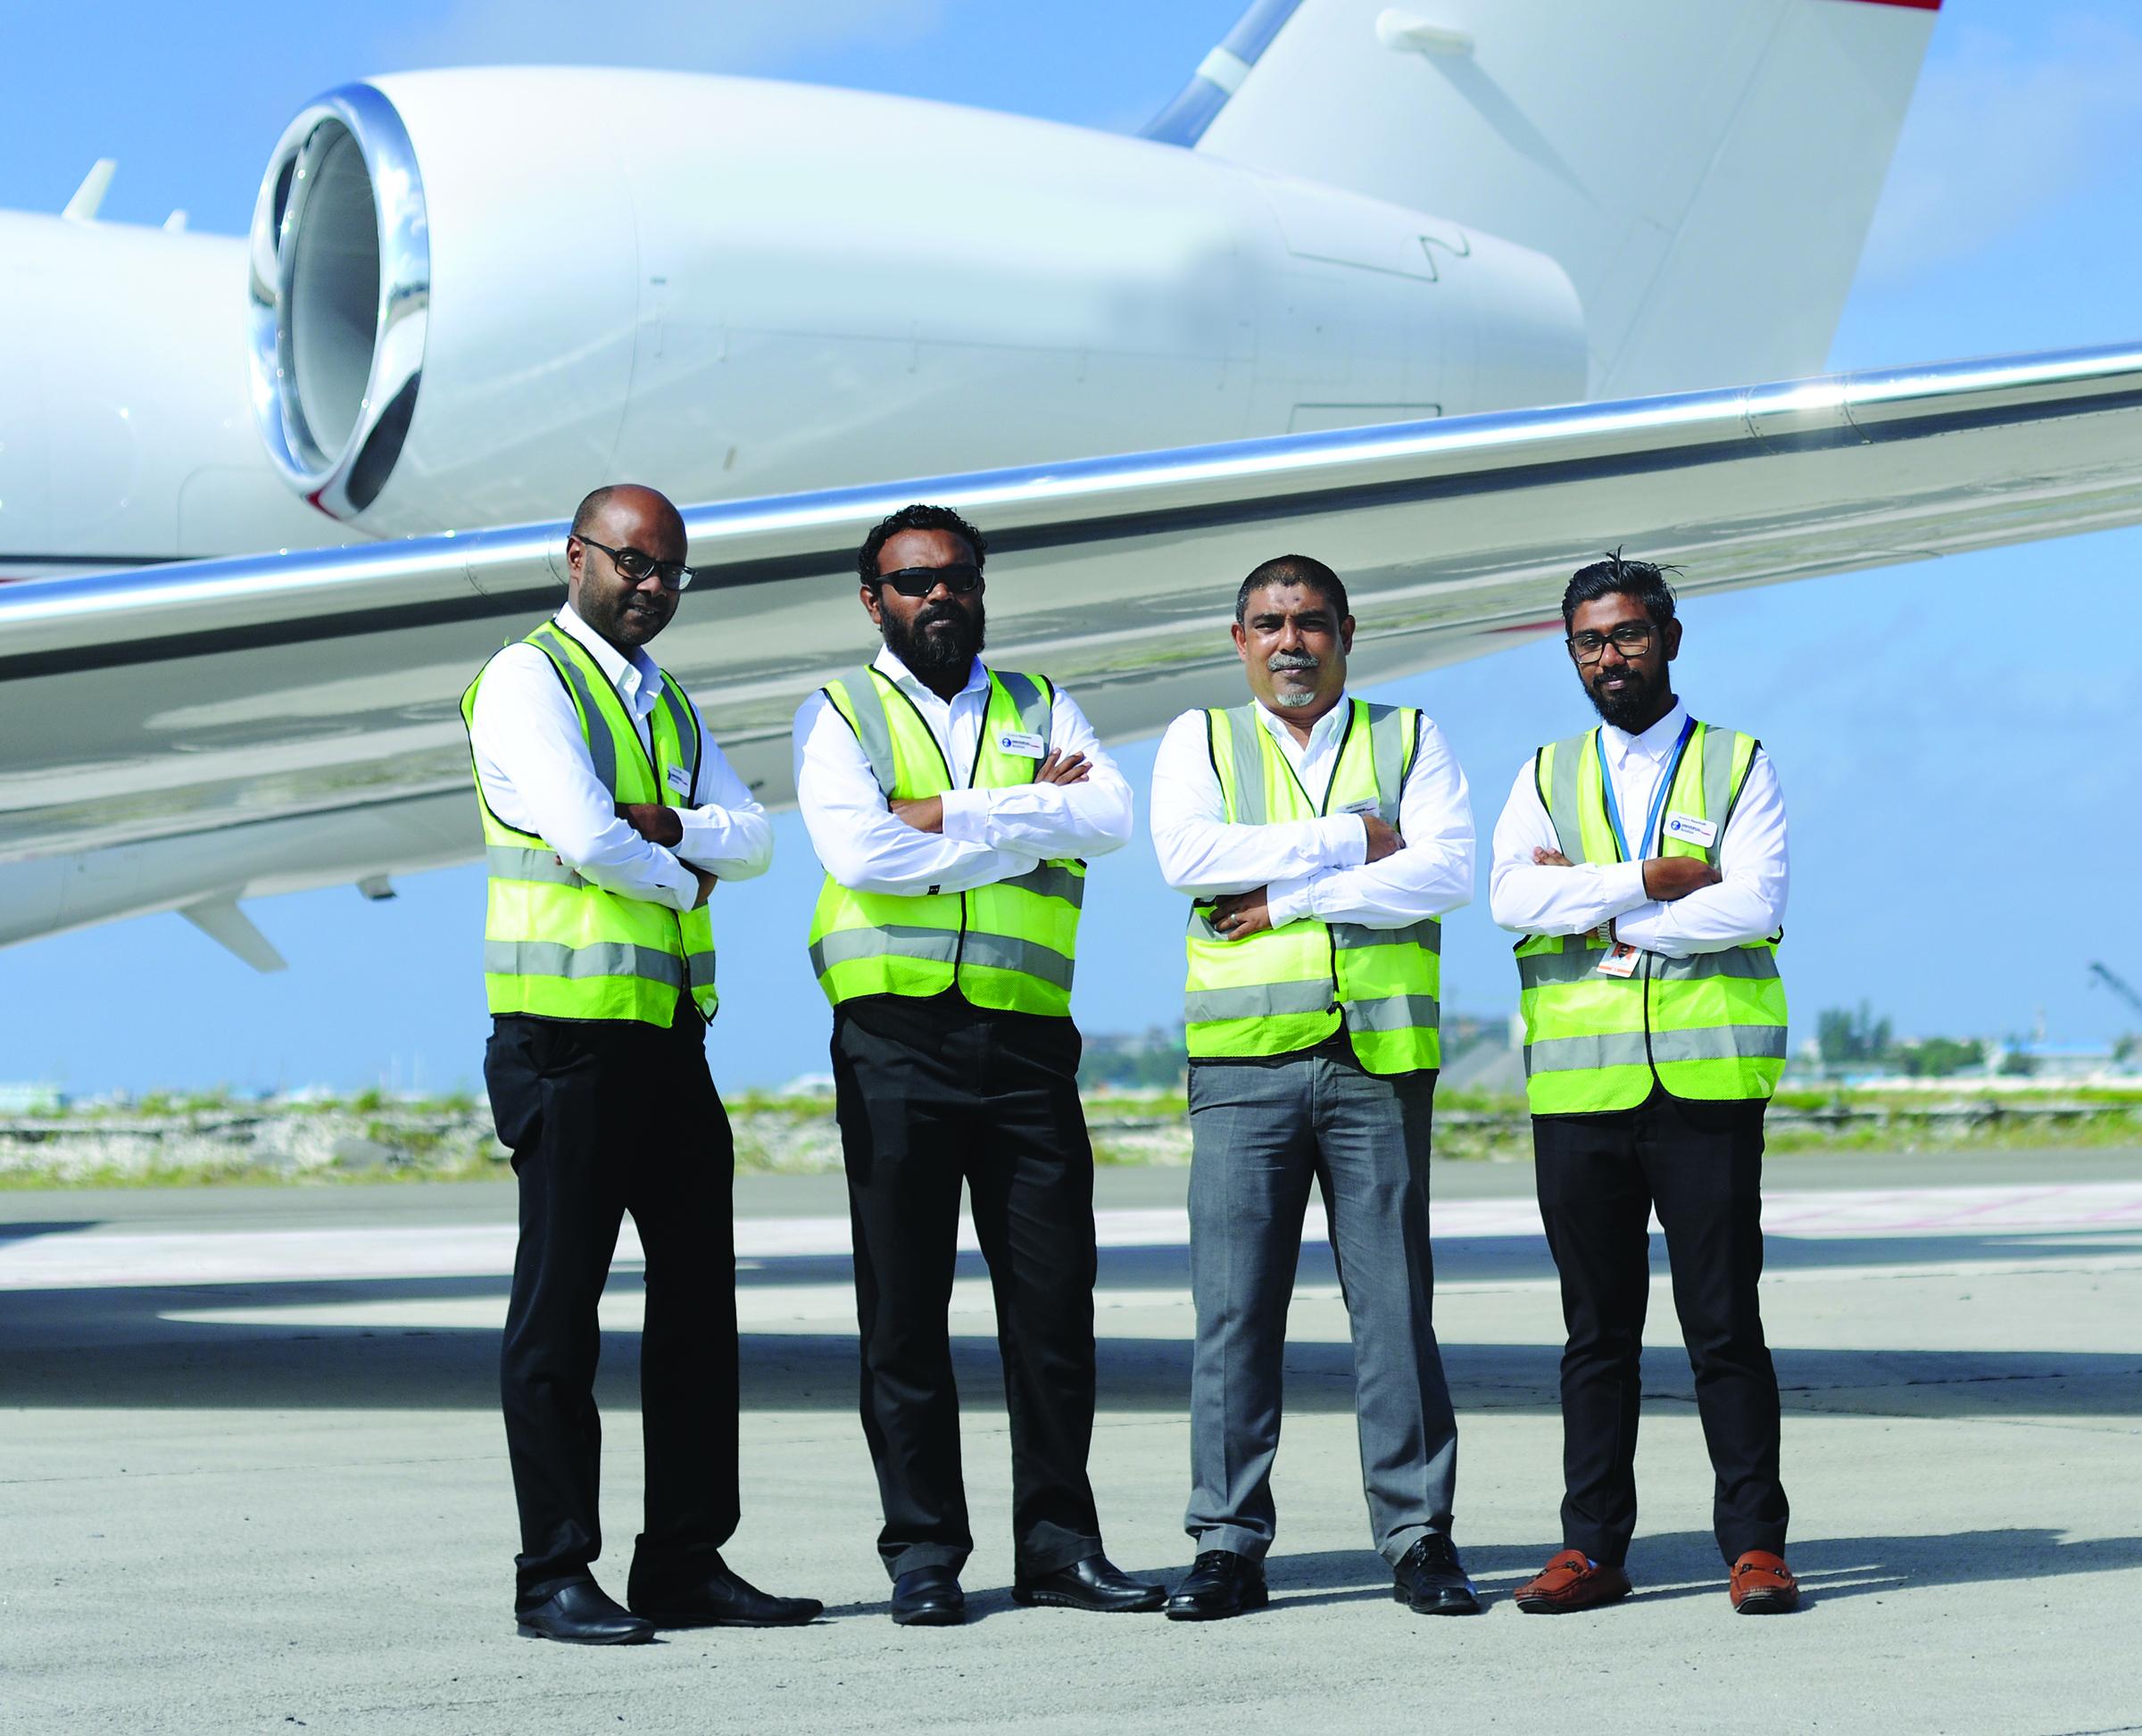 Maldives_team (DSC_8525)_HR.jpeg